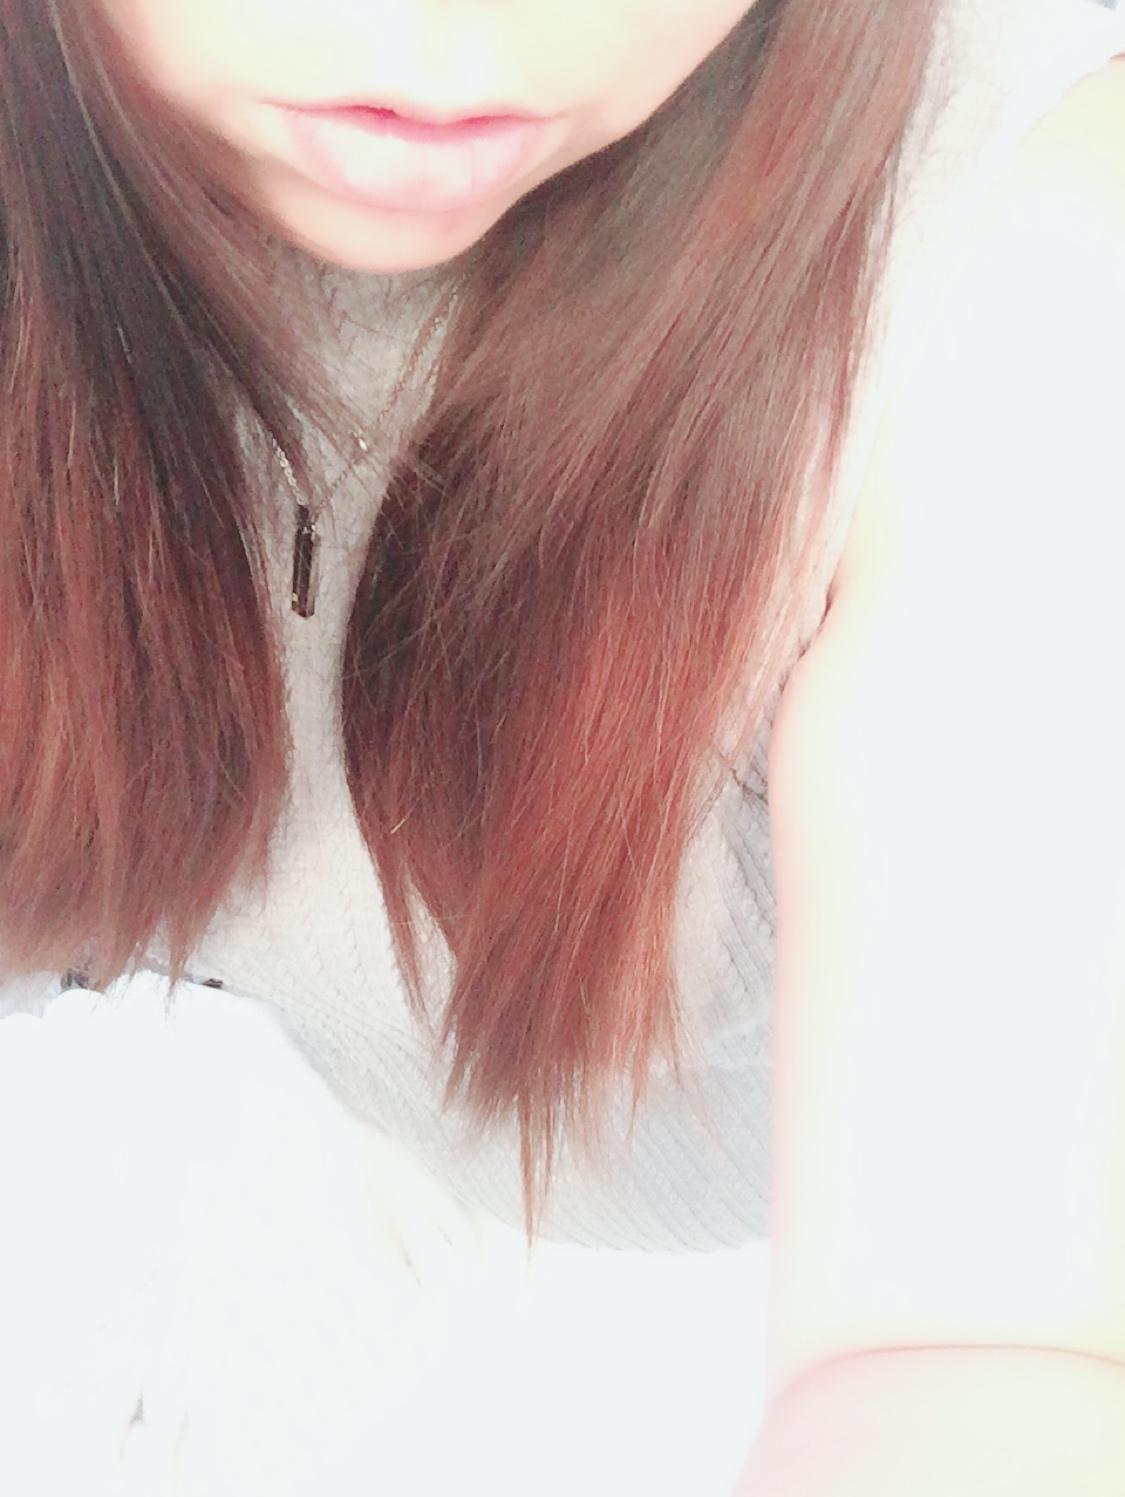 「今日みたいな日(´∇`)」06/02(06/02) 11:52 | あゆみの写メ・風俗動画